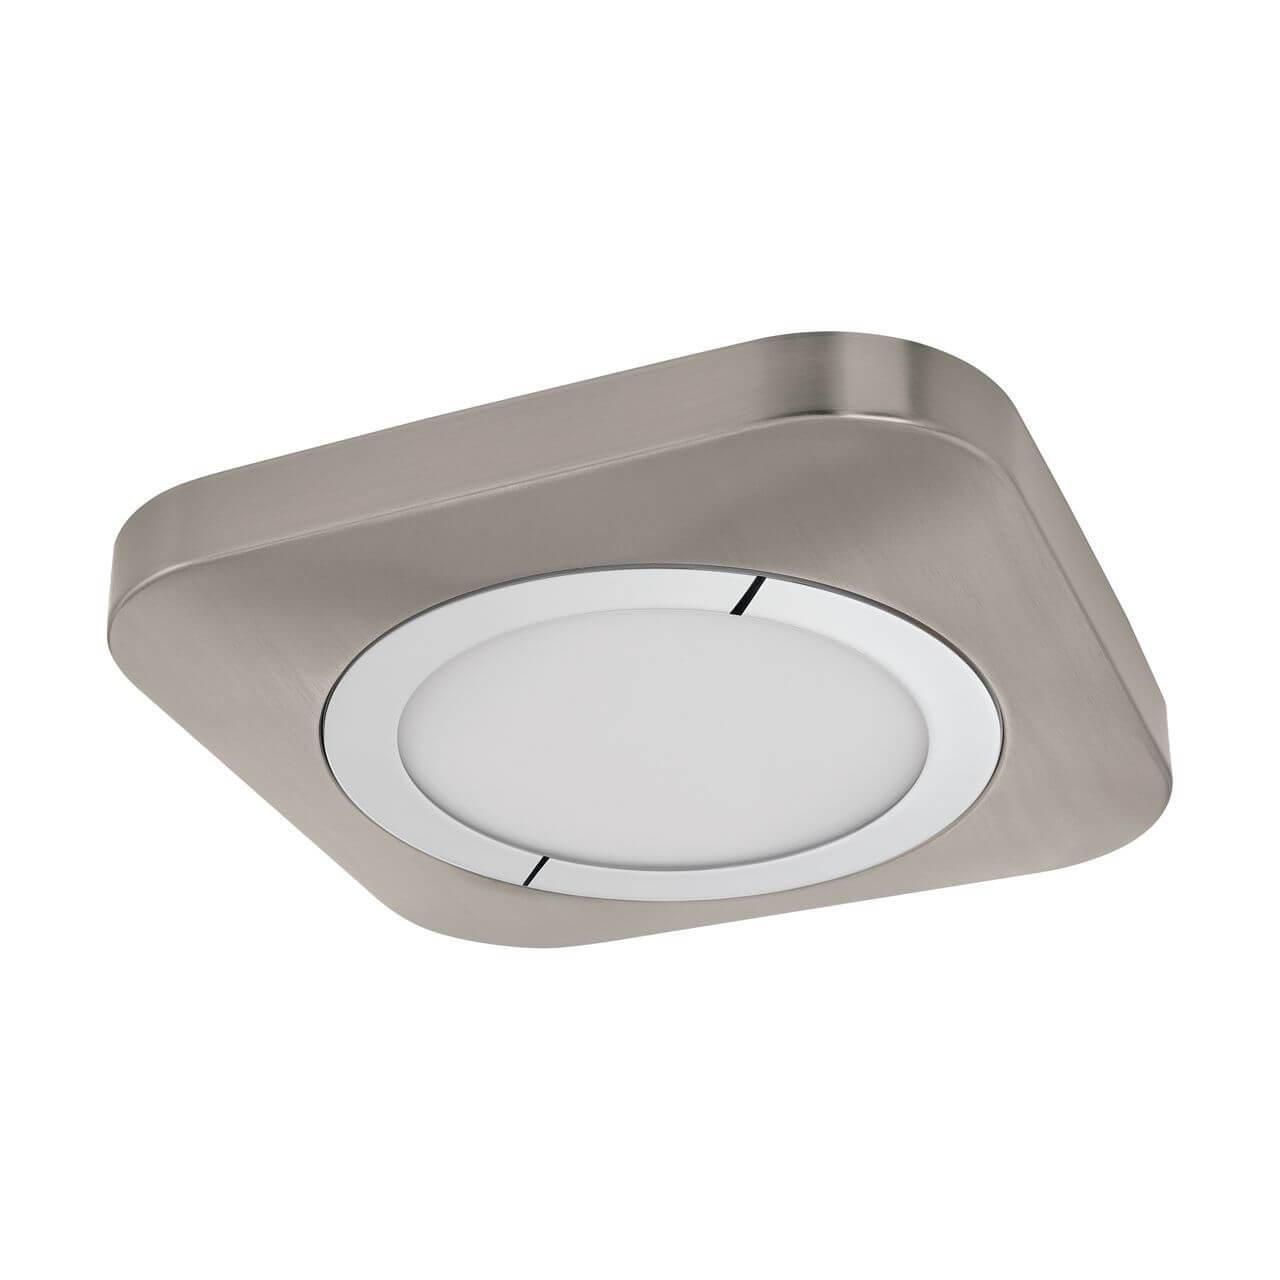 цена на Настенно-потолочный светодиодный светильник Eglo Puyo 96395